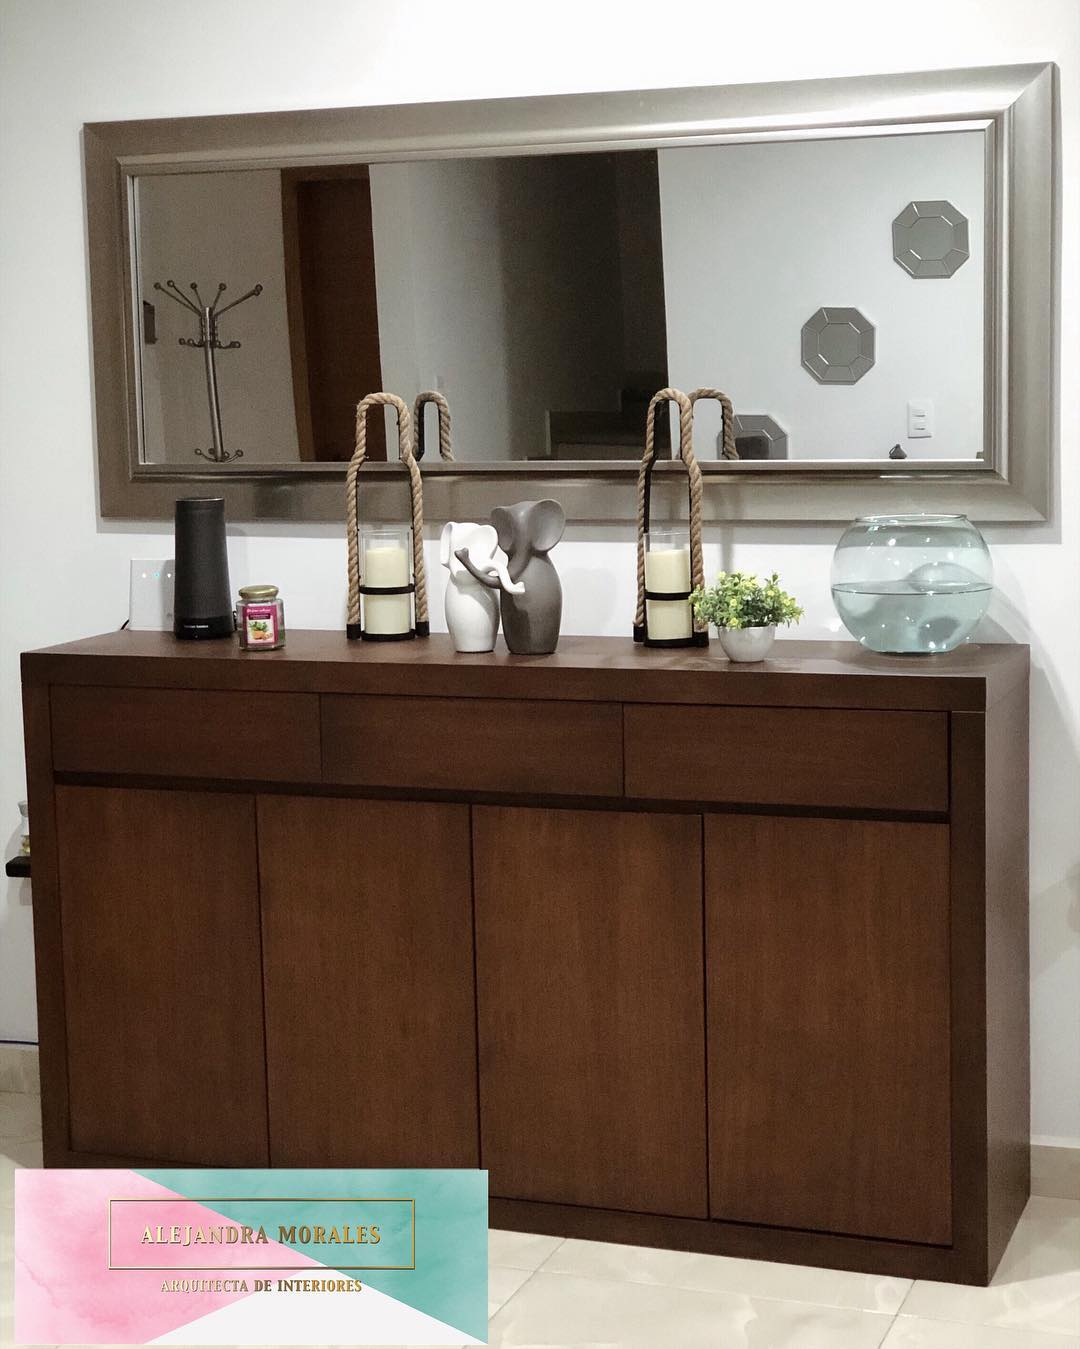 Organize seu ambiente ... Concepção e elaboração de mobiliário com ... @ interiorismo.ale ...